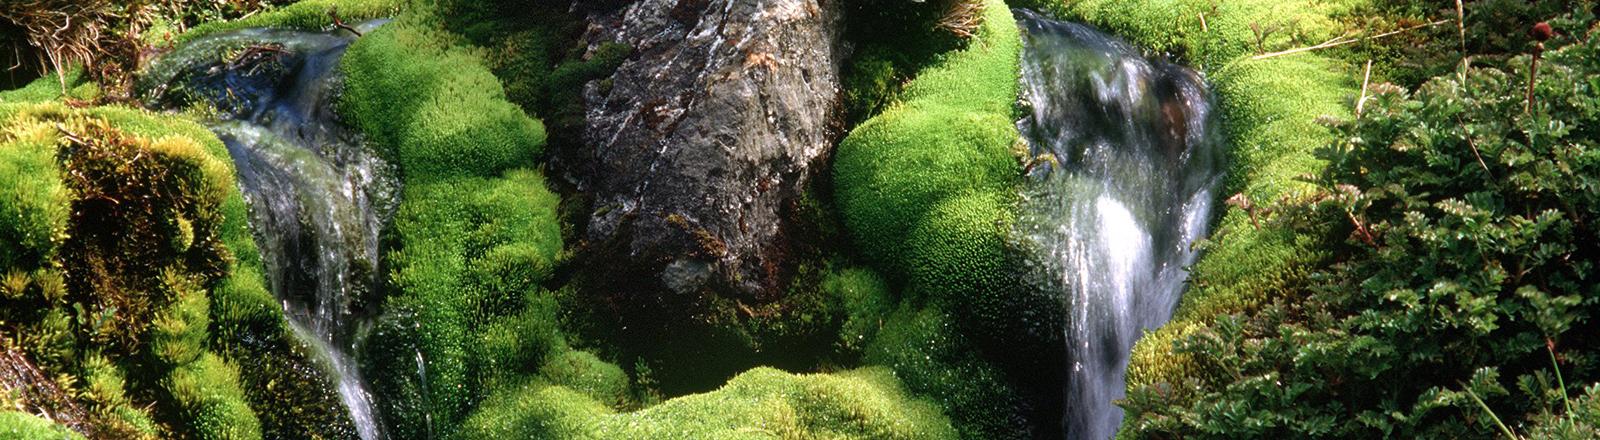 Um den kleinen Wildbach in einer subantarktischen Region wachsen zahlreiche Moose.